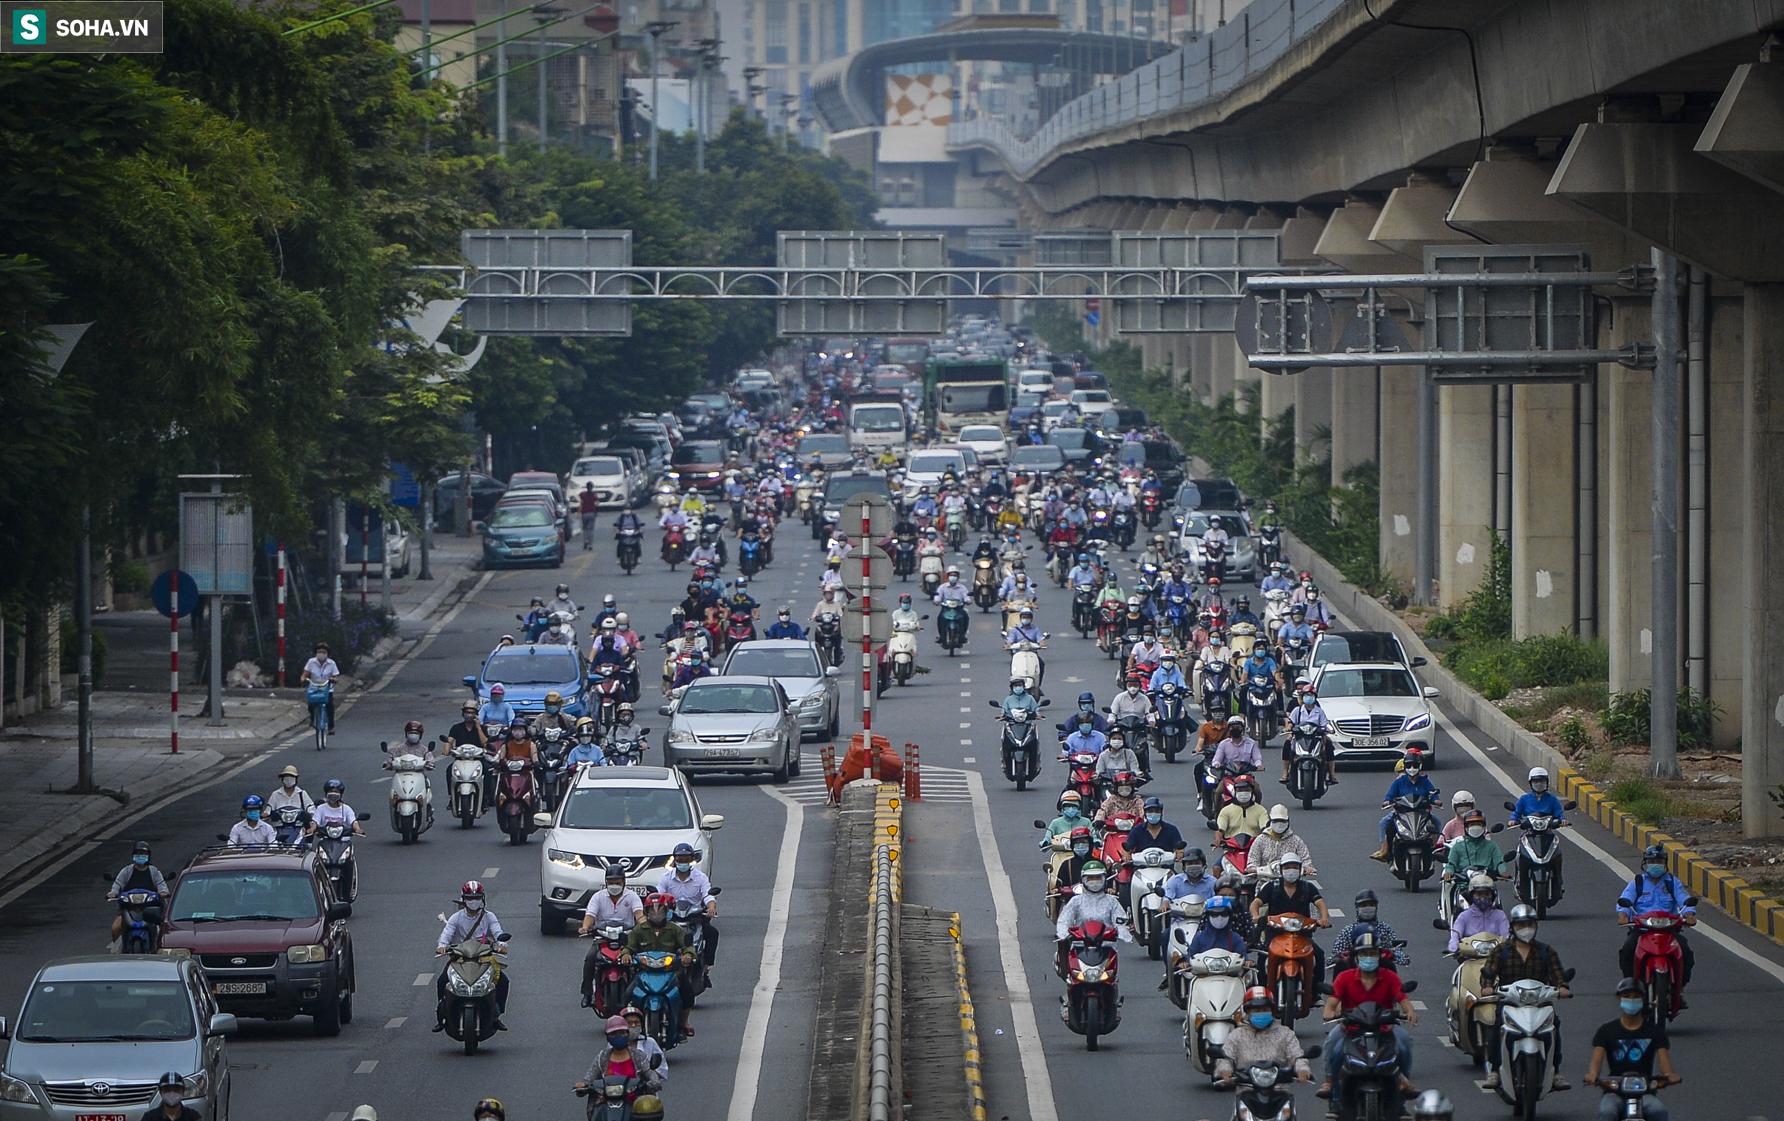 Ngày cuối giãn cách xã hội đợt 4, nhiều tuyến phố Hà Nội xe cộ tấp nập - Ảnh 2.